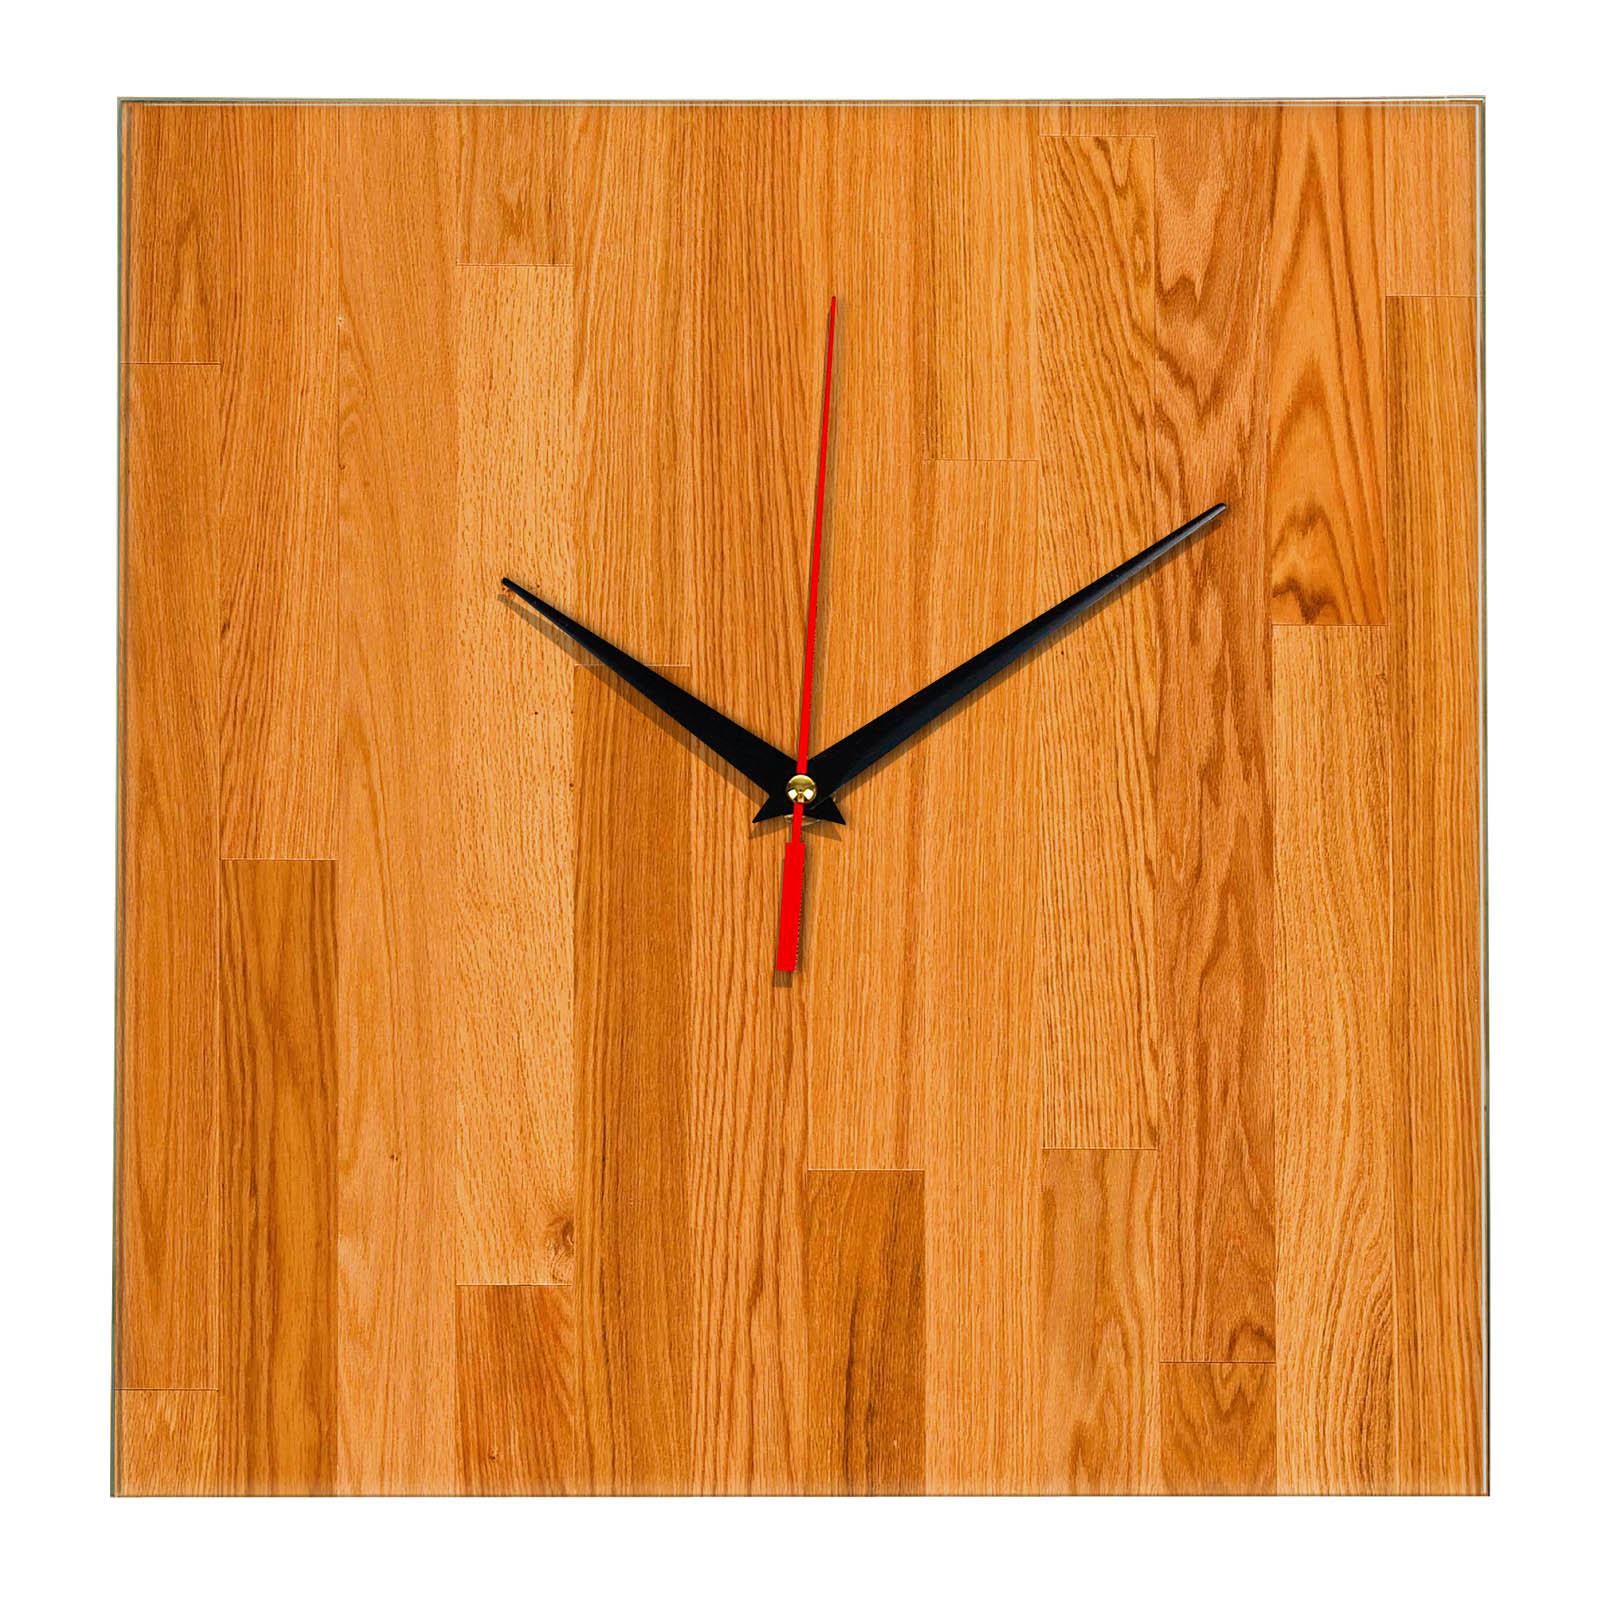 woodglass13_0017_svetl-kvadtat